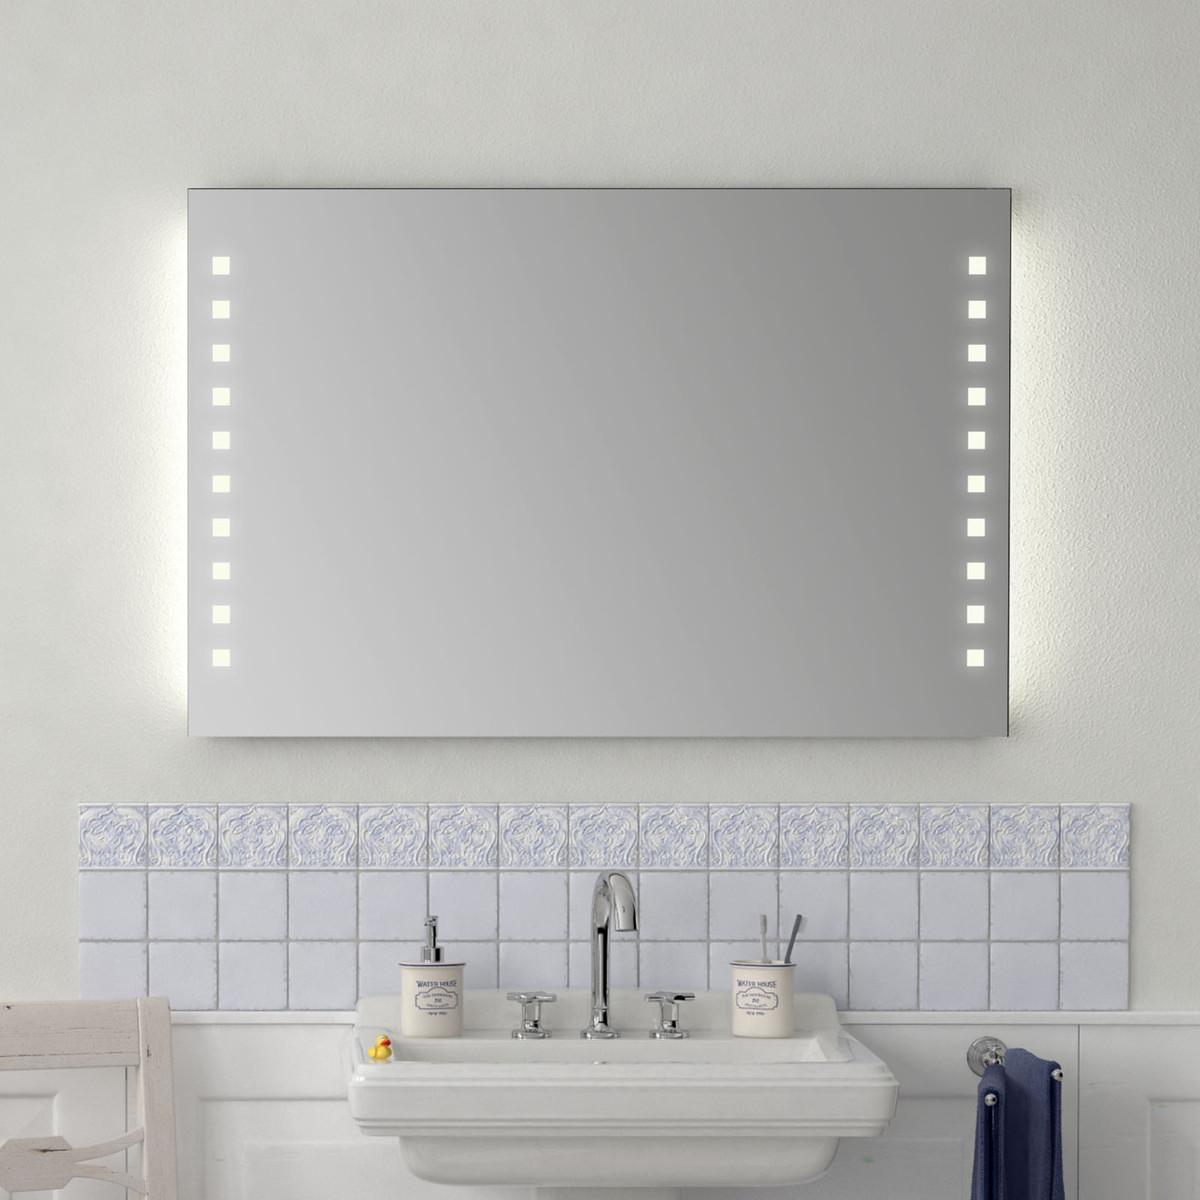 badezimmer wandspiegel mit licht emilia 300871653. Black Bedroom Furniture Sets. Home Design Ideas